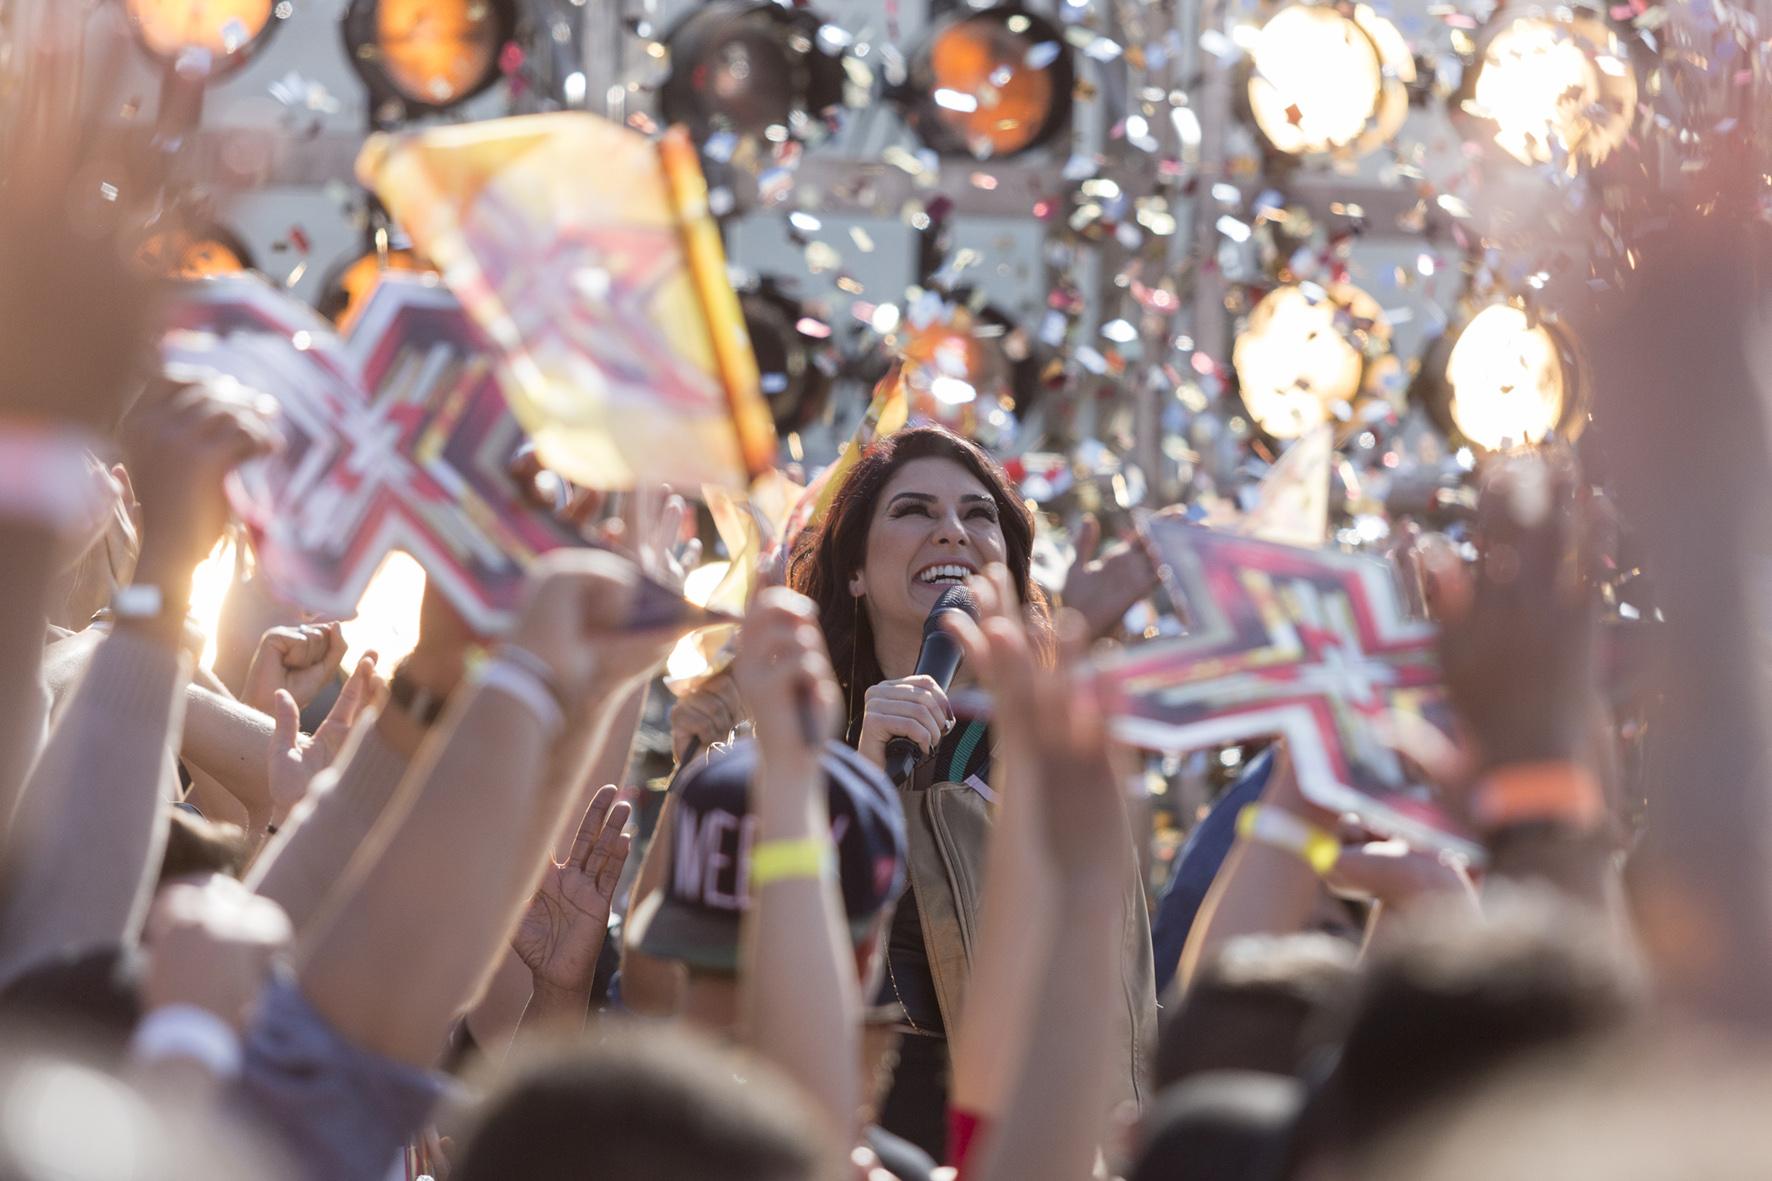 Fernanda Paes Leme - X Factor